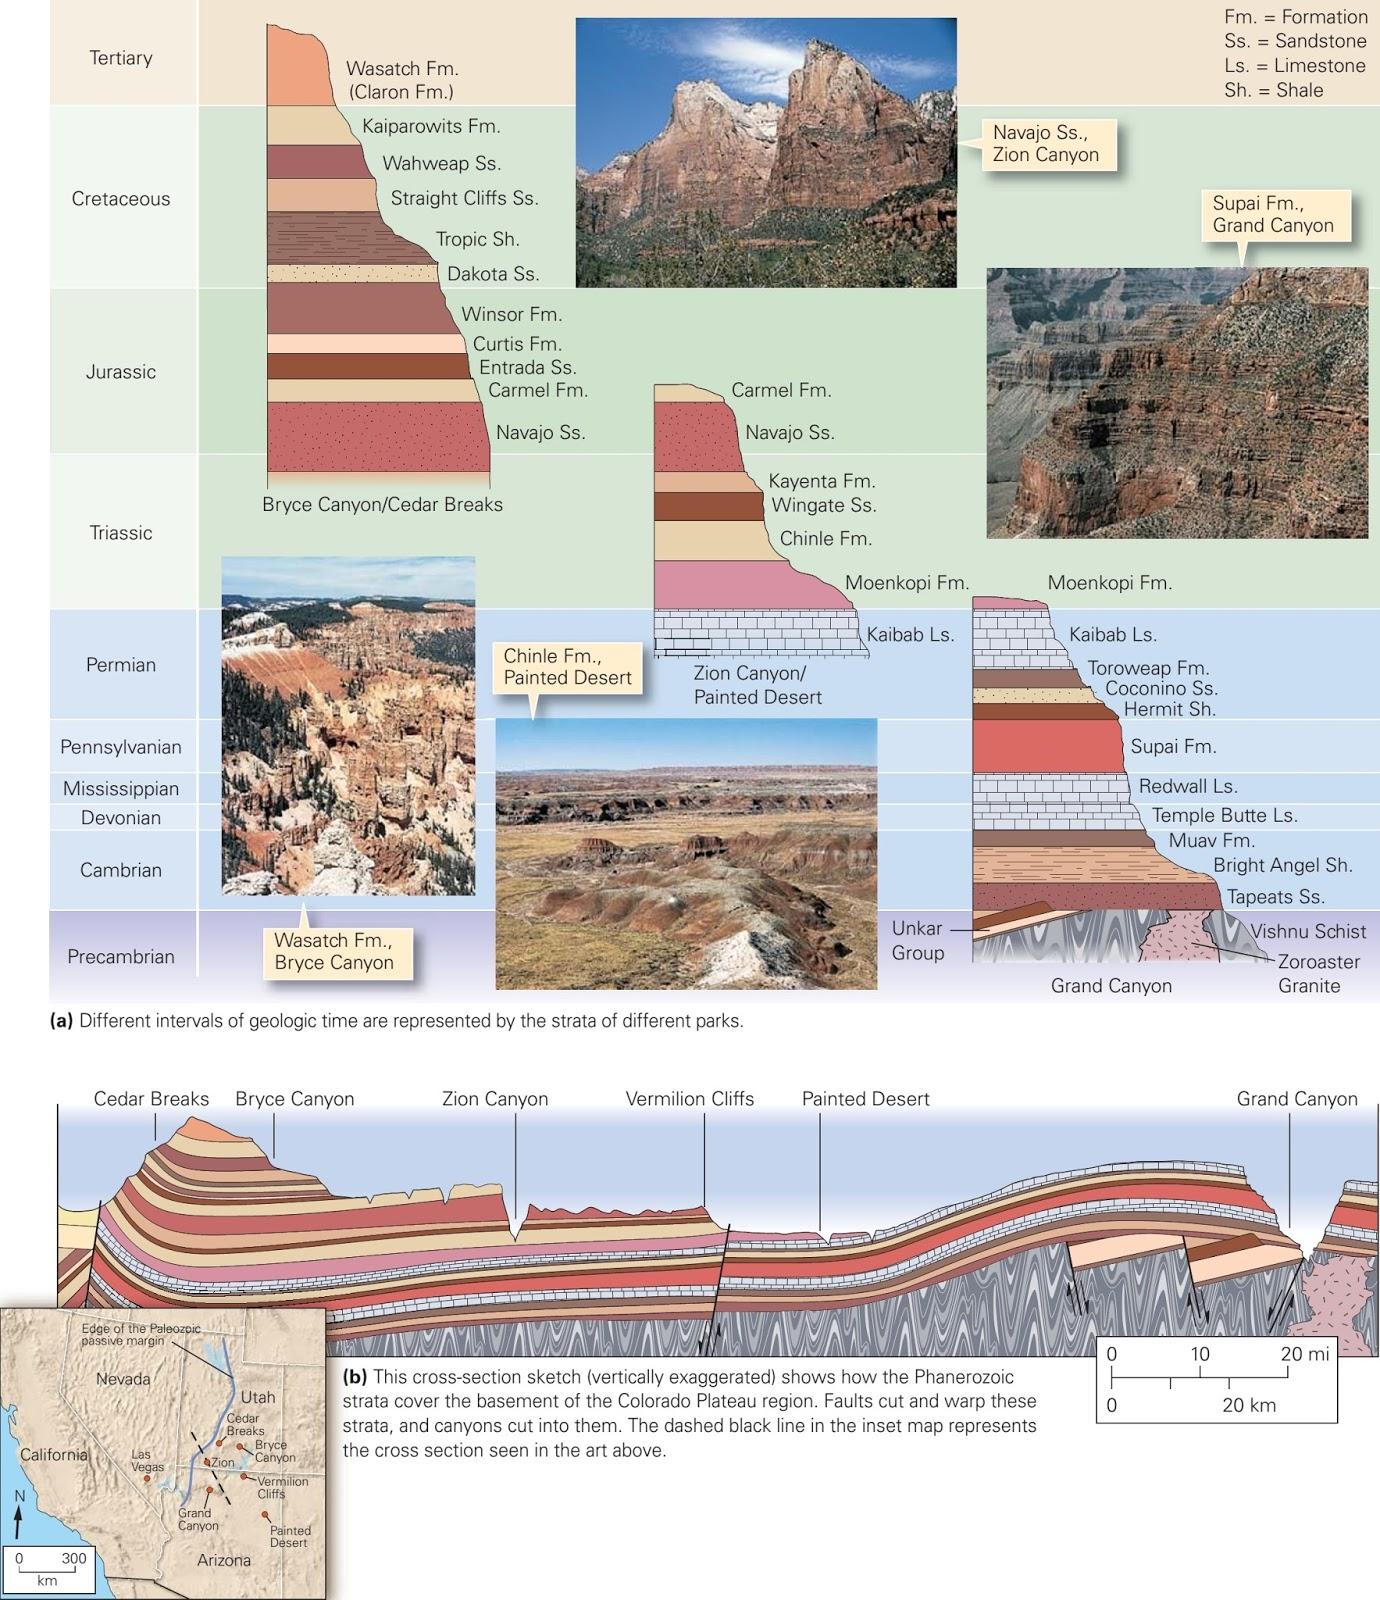 Correlation Of Strata Among The National Parks Of Arizona And Utah